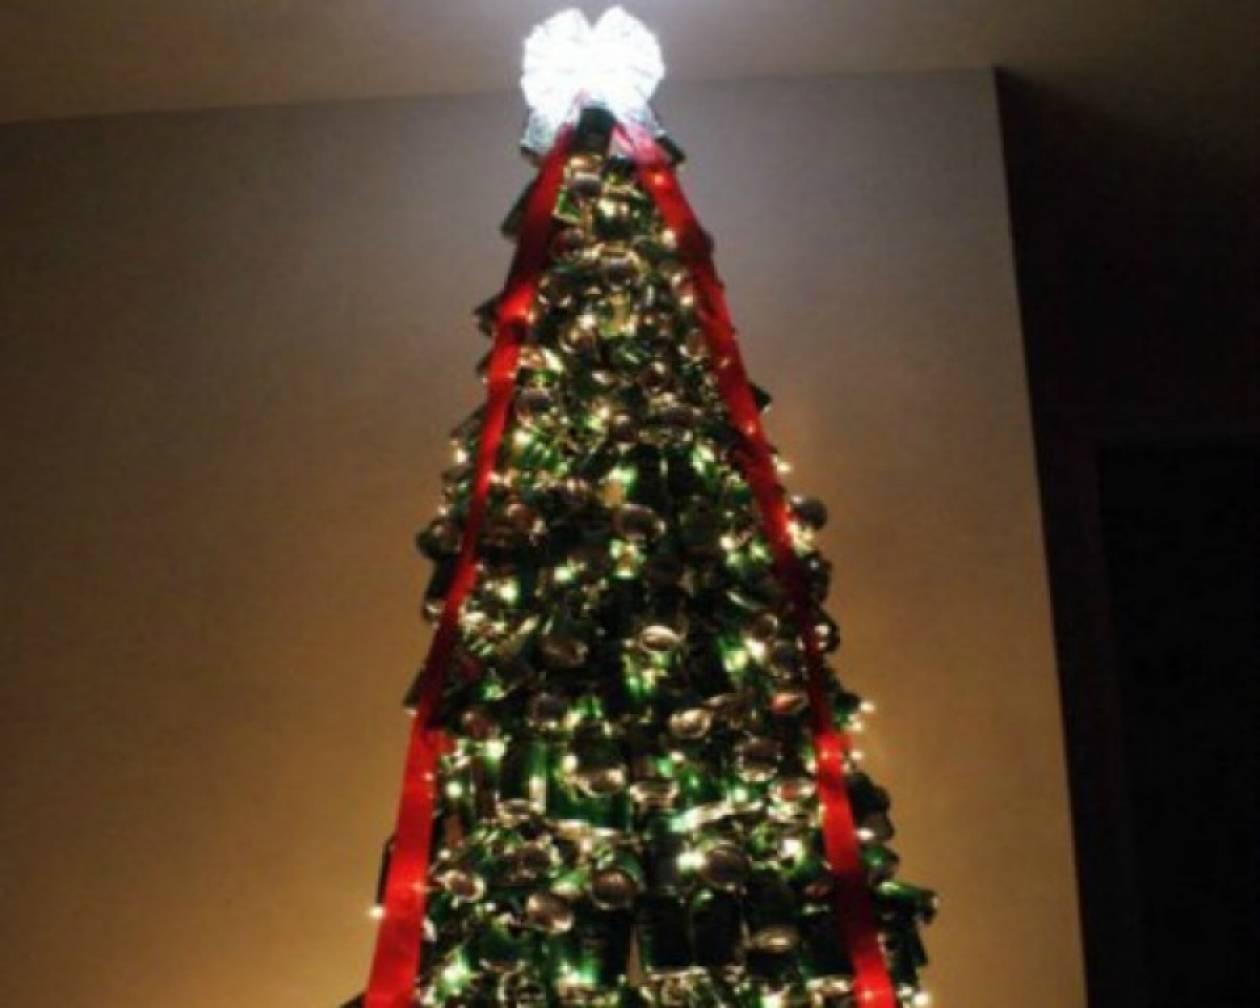 Xριστουγεννιάτικο δέντρο από 3.000 κουτάκια αναψυκτικών